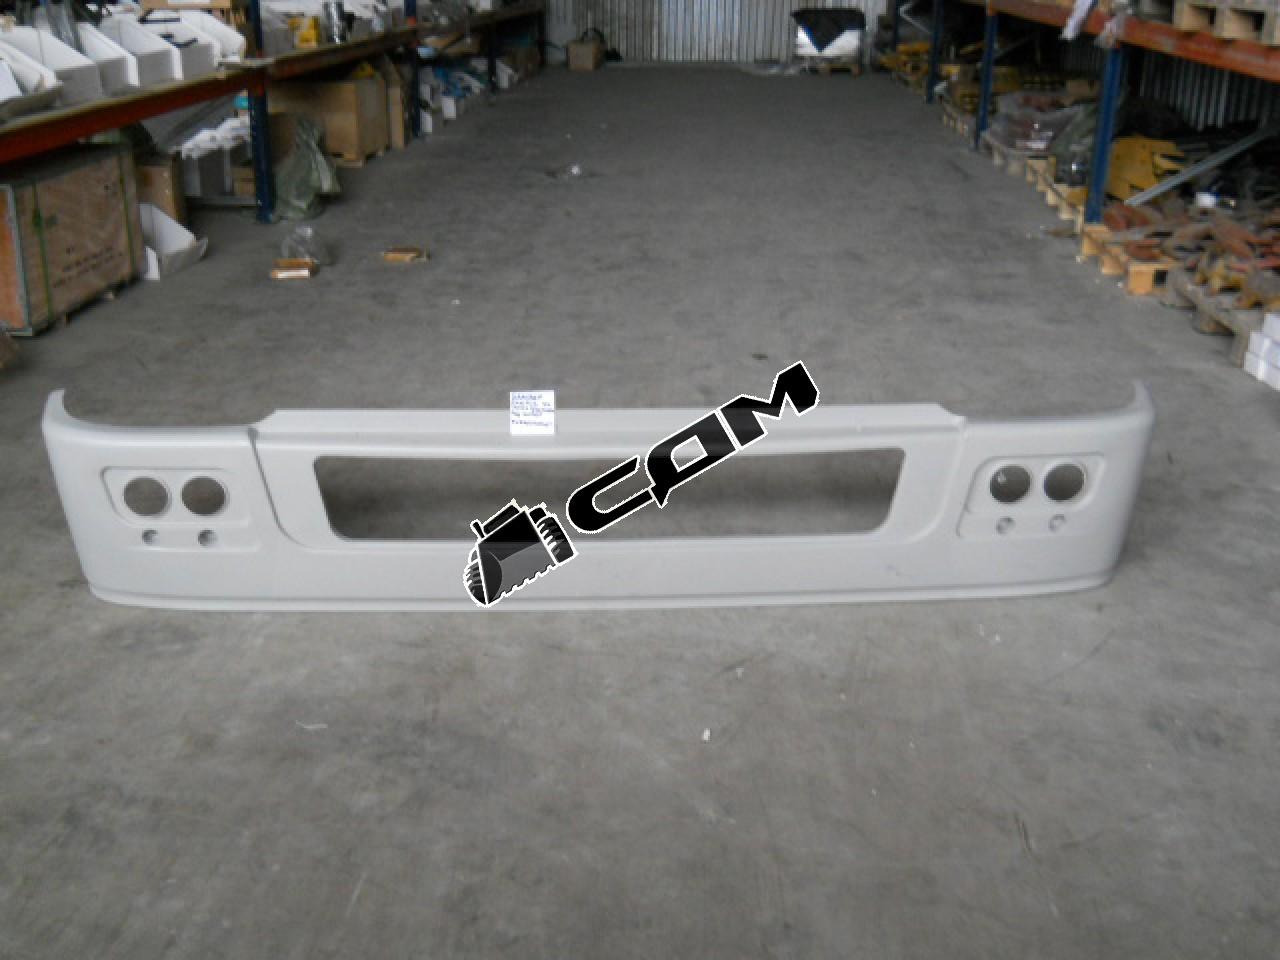 Бампер пластиковый на тягач без вставки под номер  WG1642240002/1